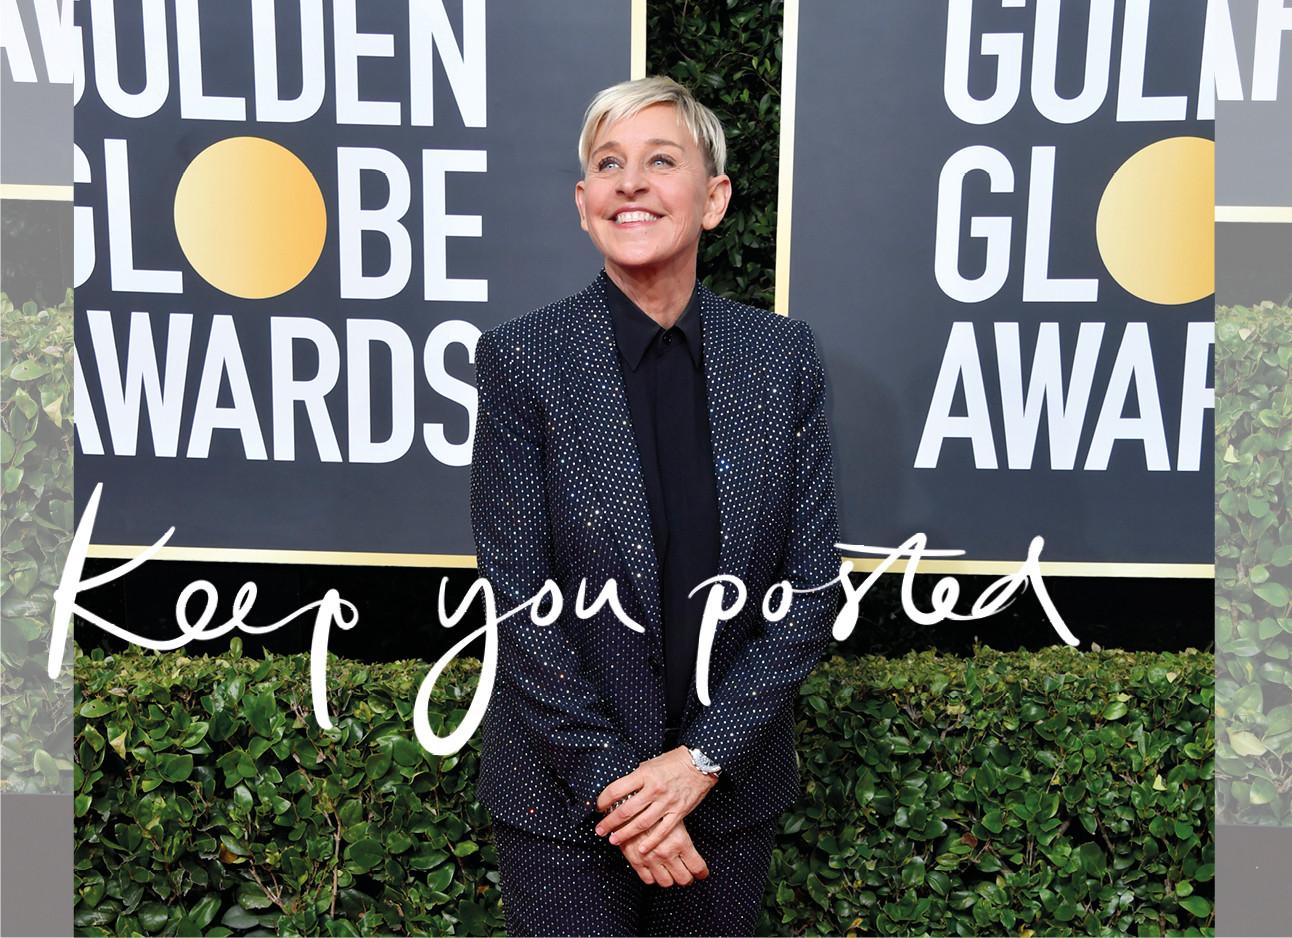 The Ellen DeGeneres saga continues...